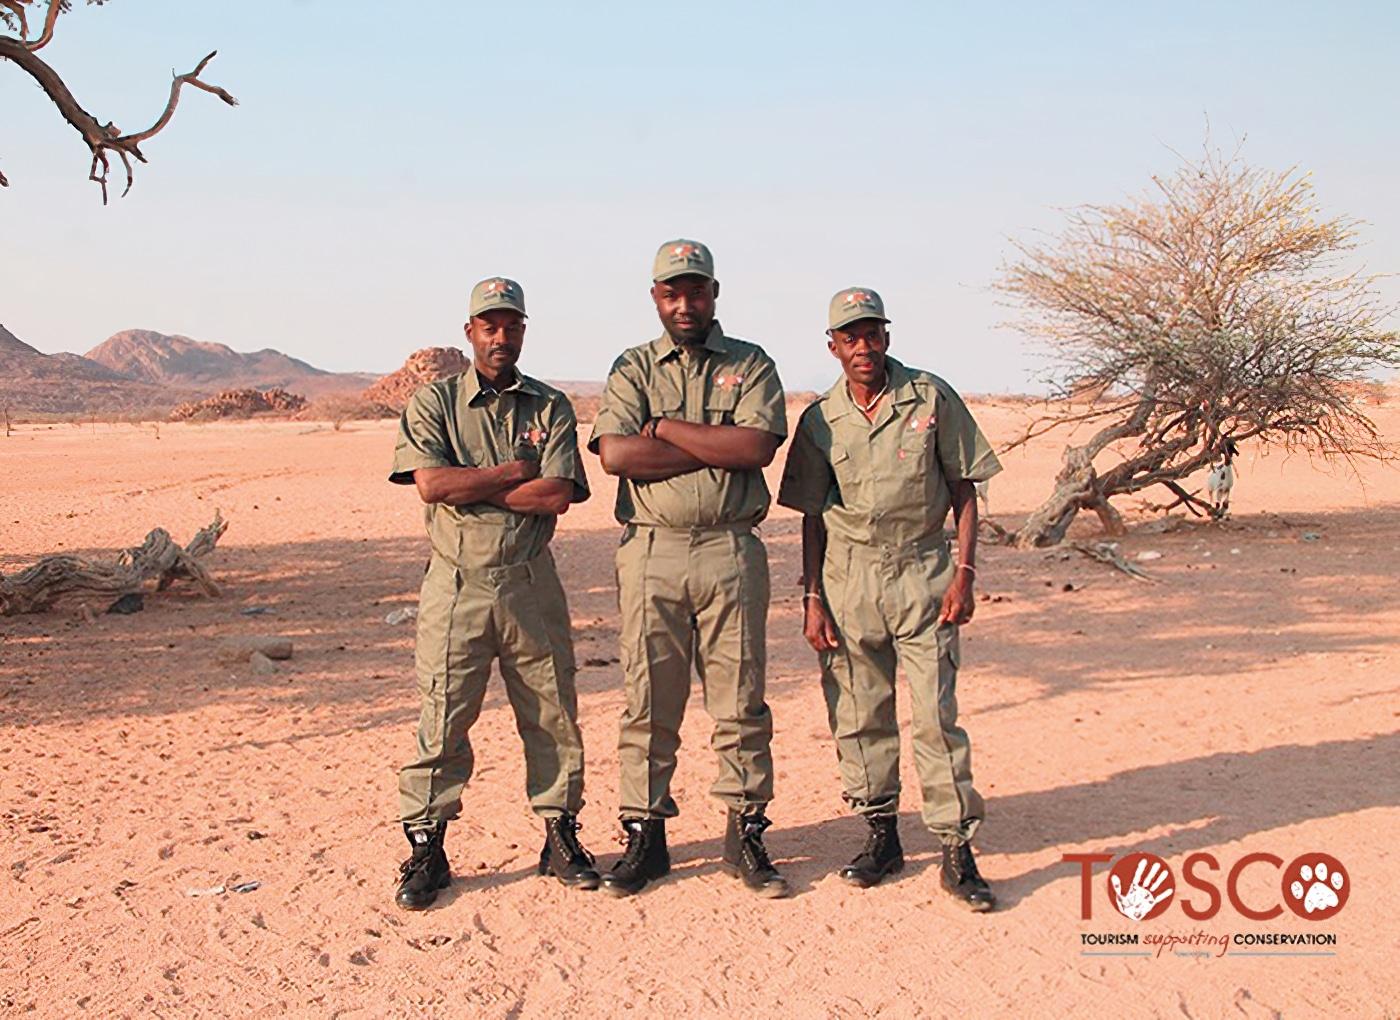 TOSCO rangers